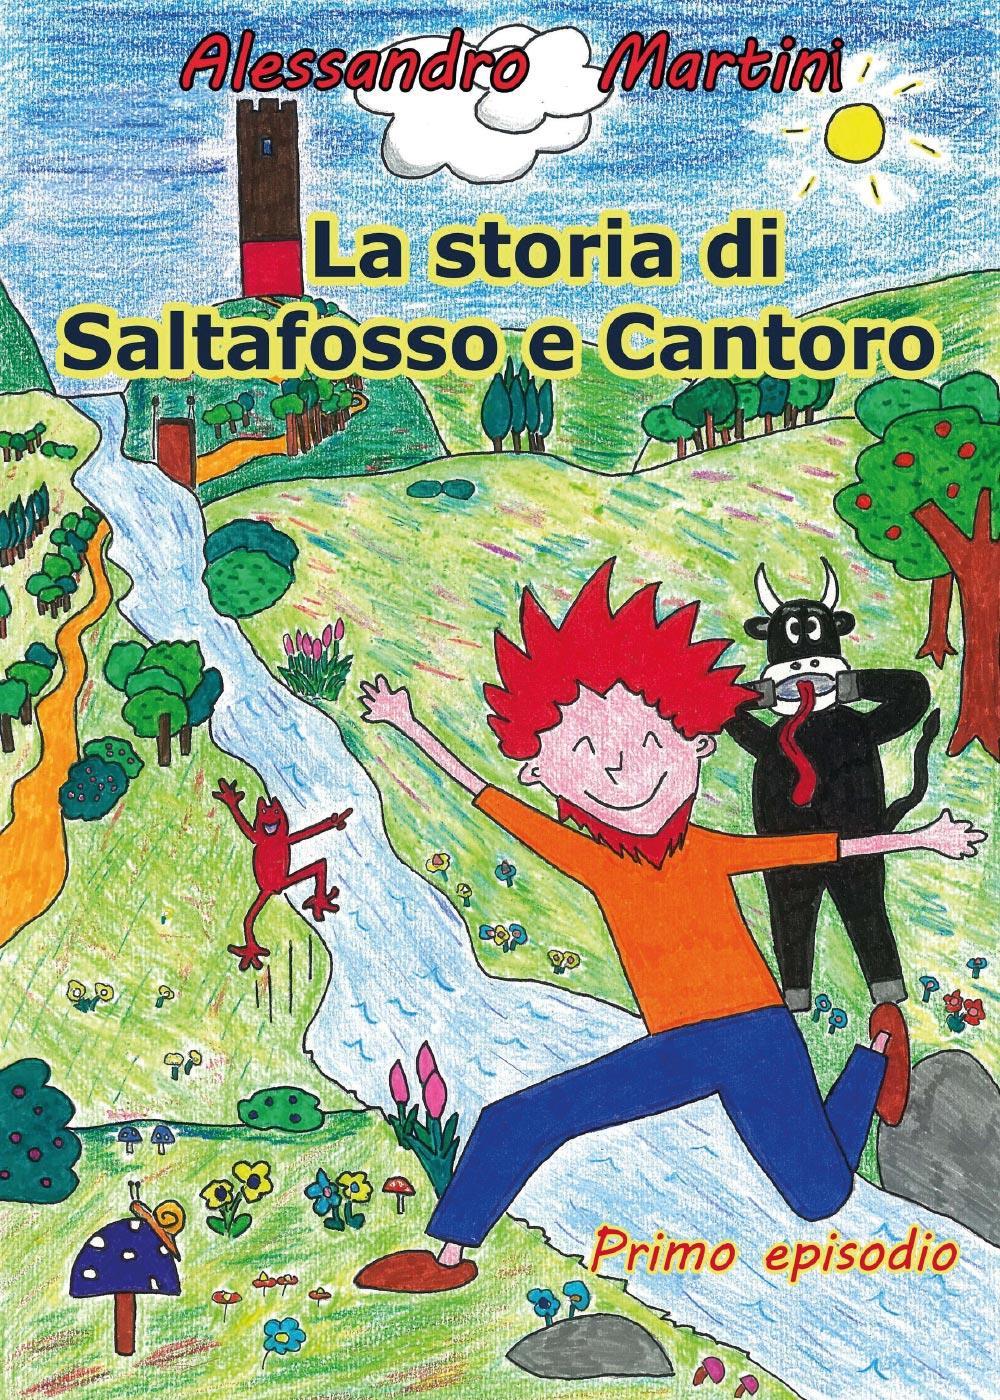 La storia di Saltafosso e Cantoro